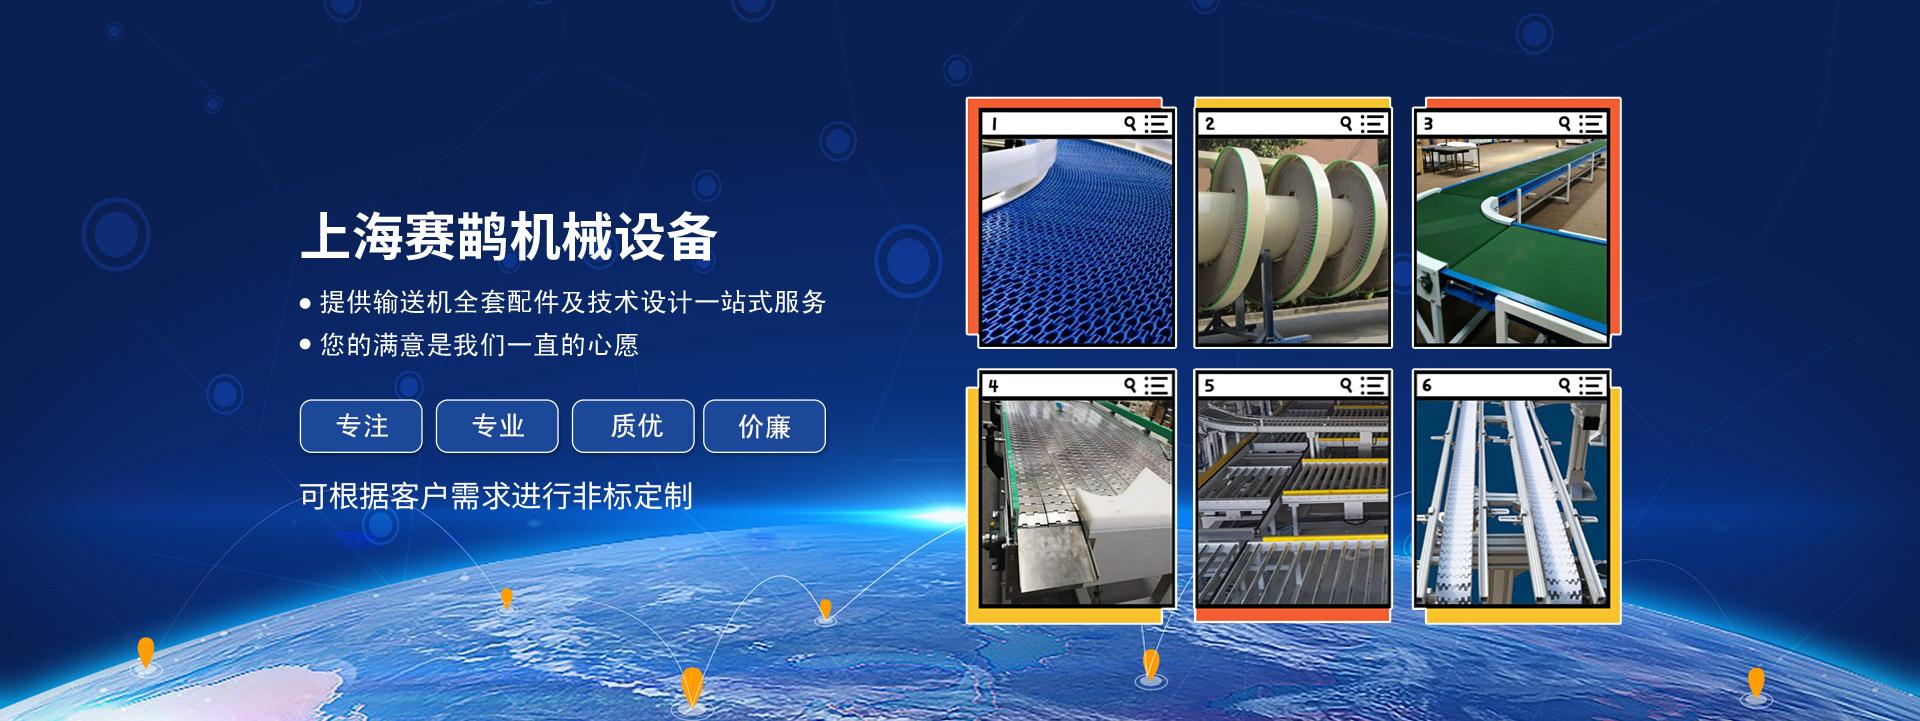 上海赛鹋机械设备有限公司